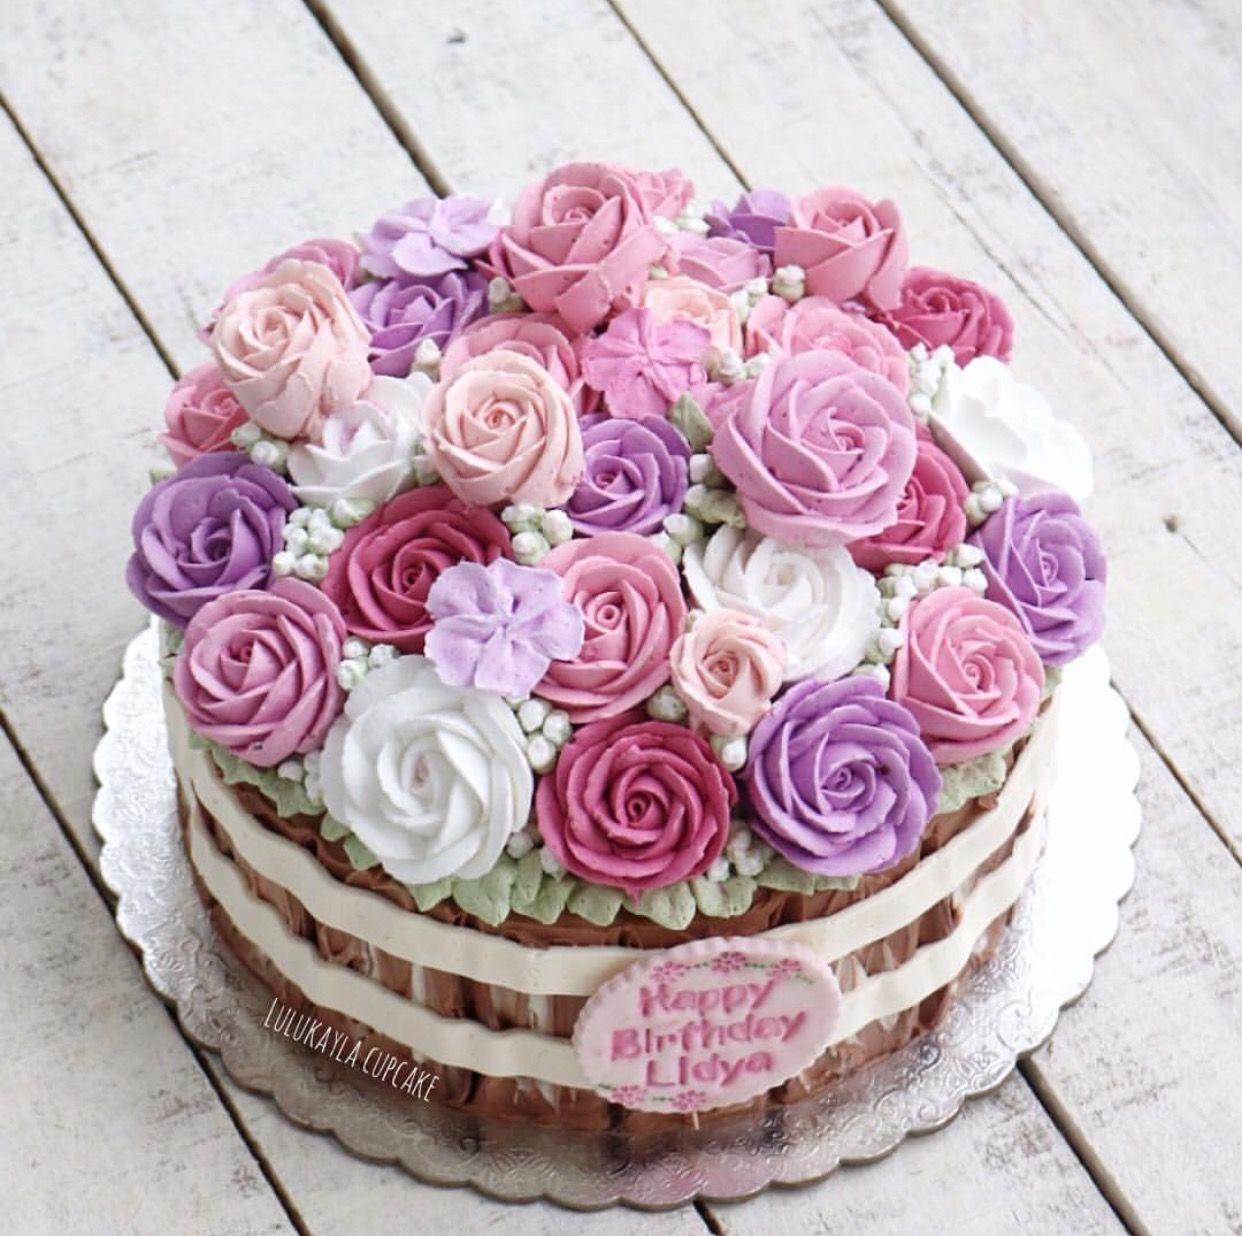 Pin oleh Lulu Kayla di Buttercream flower cake (Dengan